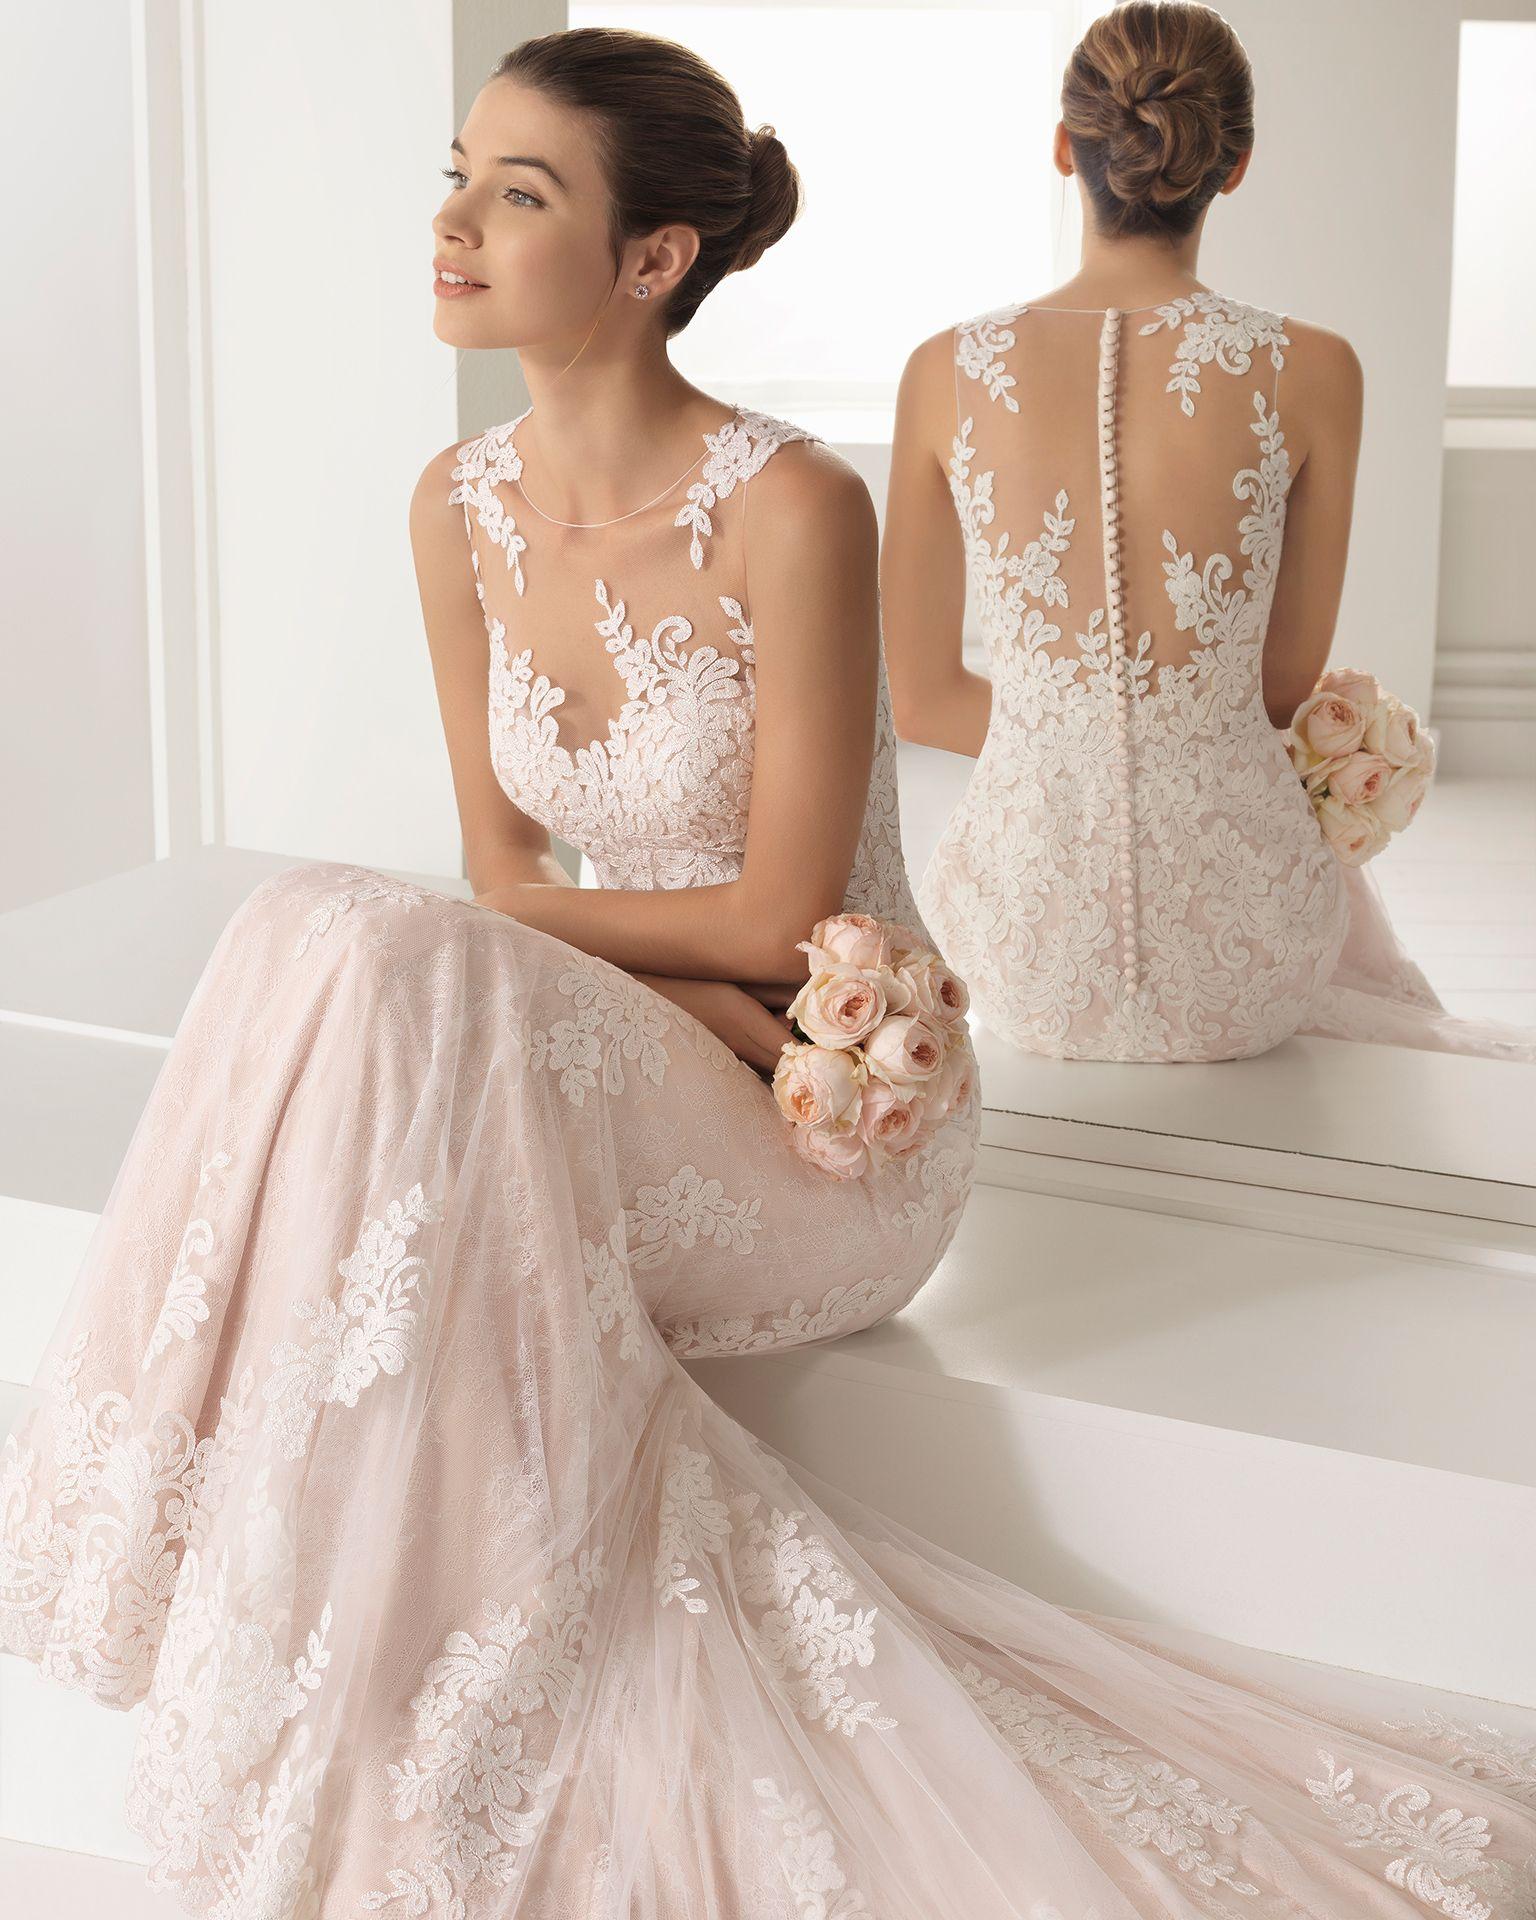 Ziemlich Wunderliche Hochzeitskleider Bilder - Hochzeit Kleid Stile ...